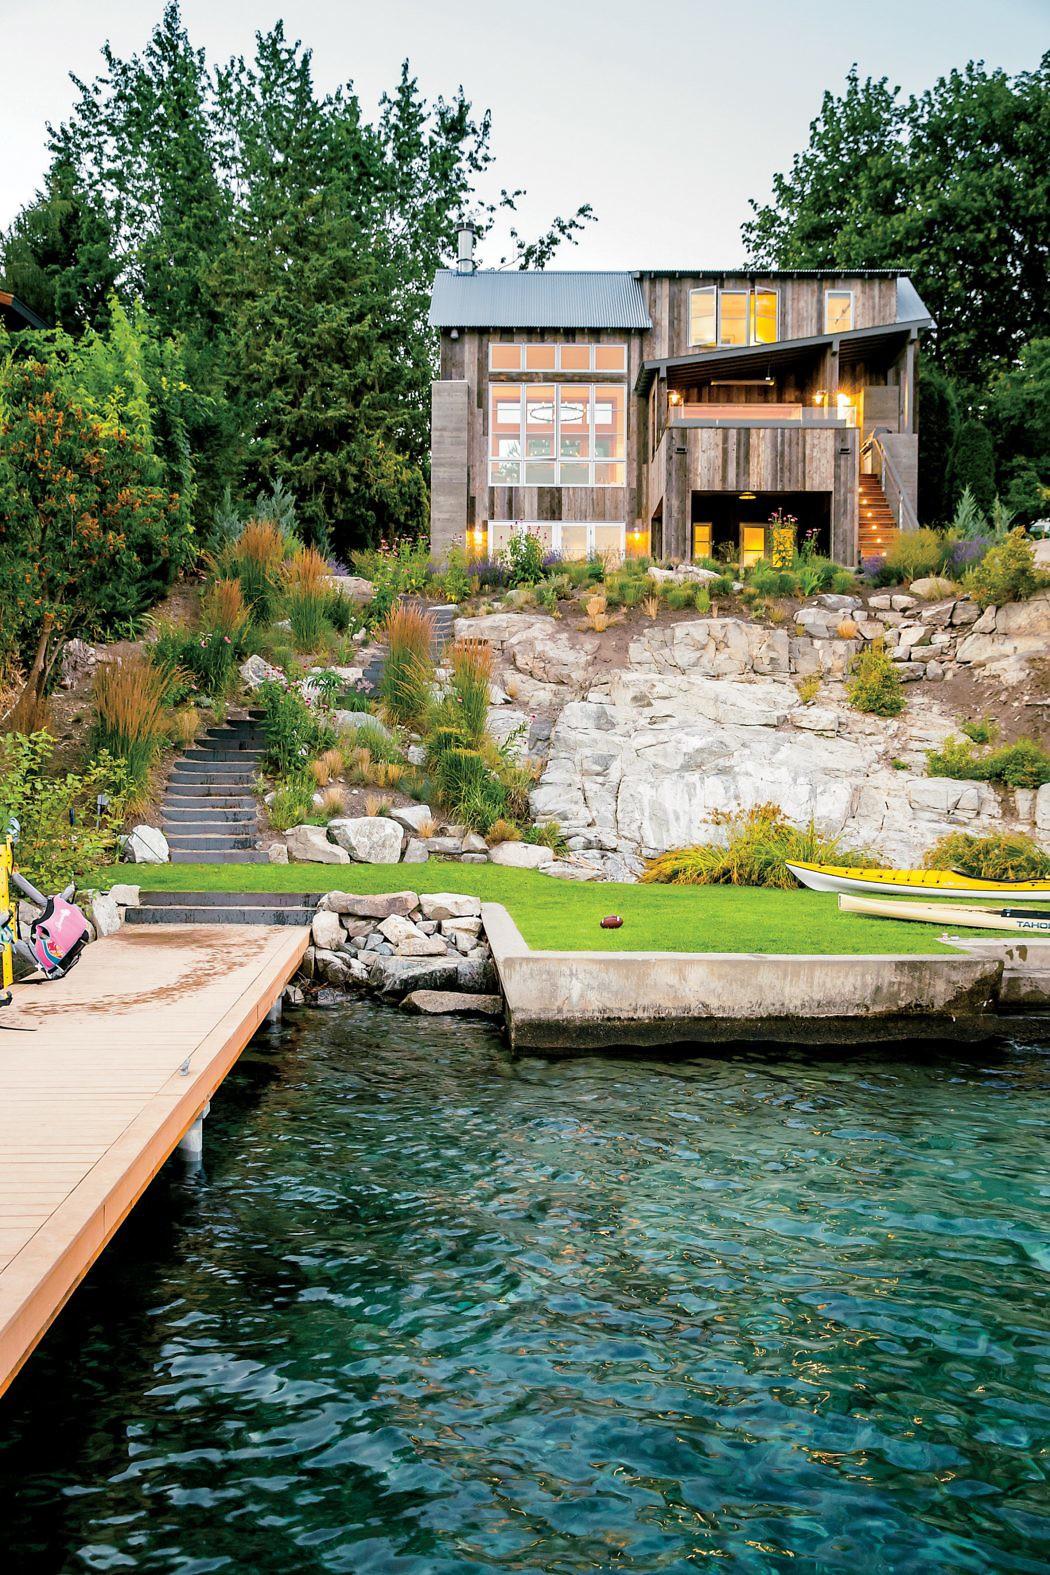 Pool Garten Gestaltung Neu Трехэтажный дом у озера — Дизайн интерьера Красивые